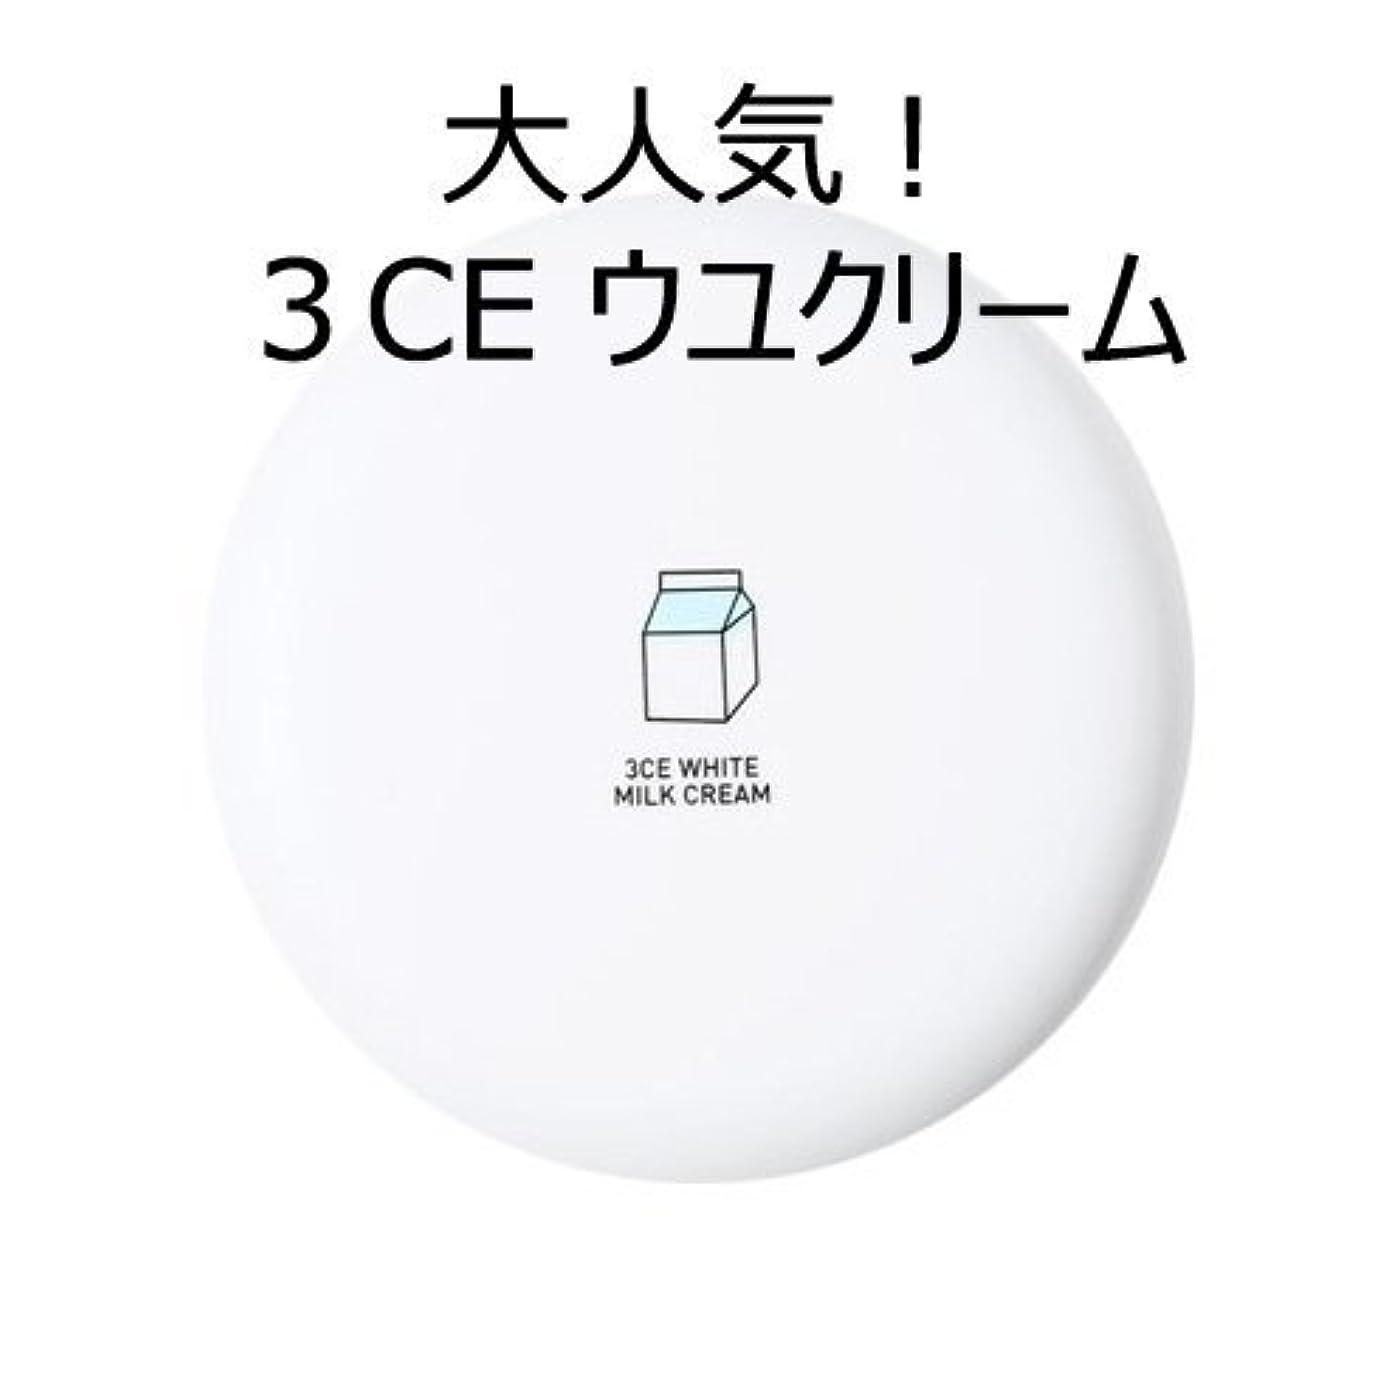 の慈悲でにやにや褐色[3CE] [大人気!話題のウユクリーム] 3CE White Milk Cream [並行輸入品]